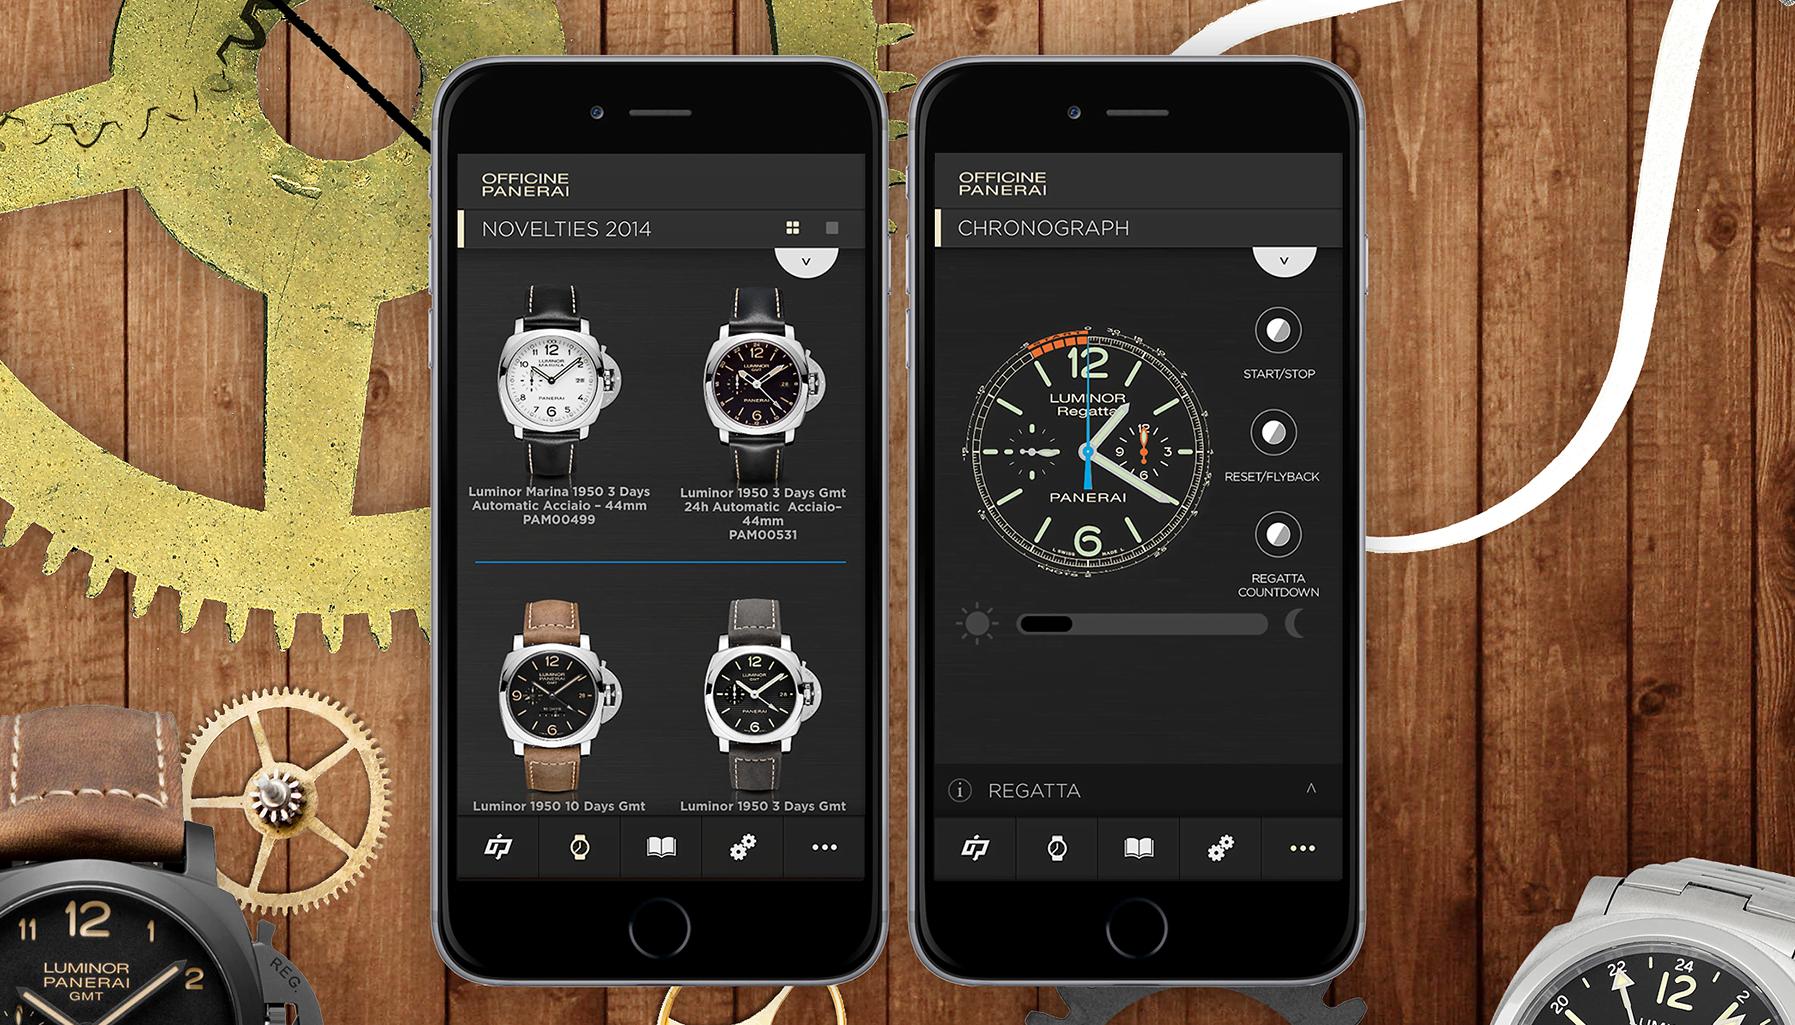 timekeeping apps